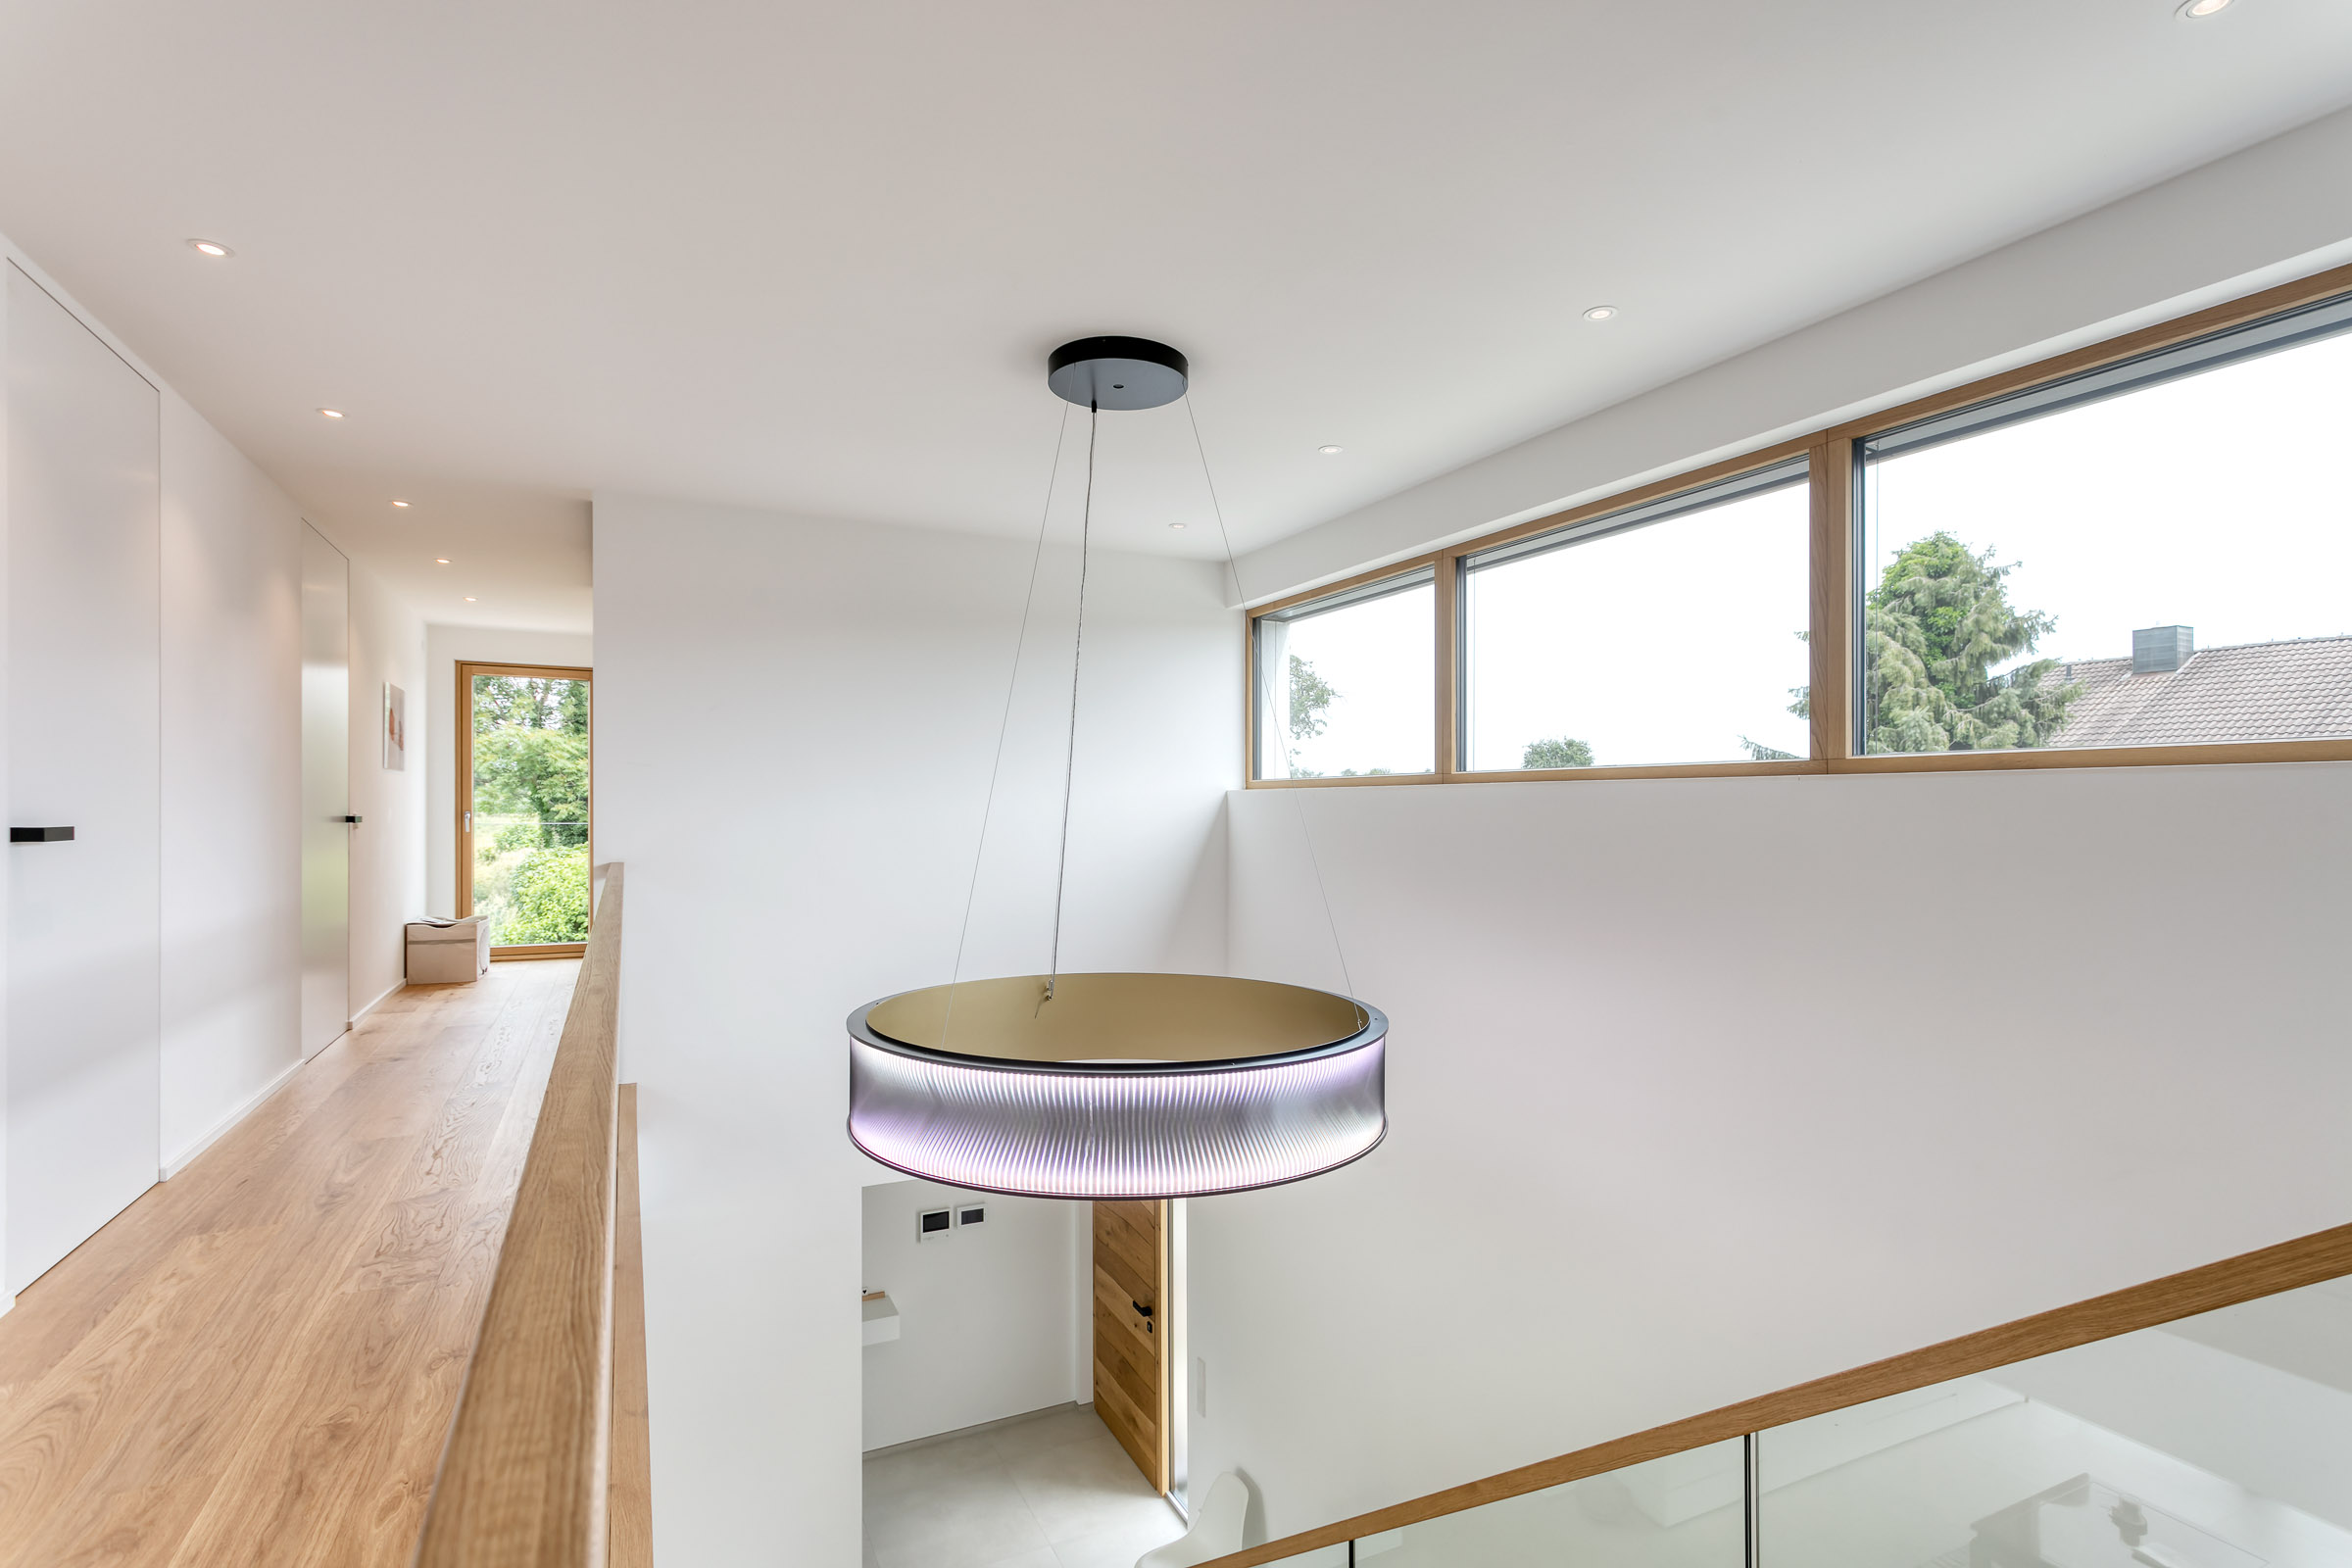 MATRIX Ringleuchte hängt an Decke im Treppenaufgang eines Neubaus.